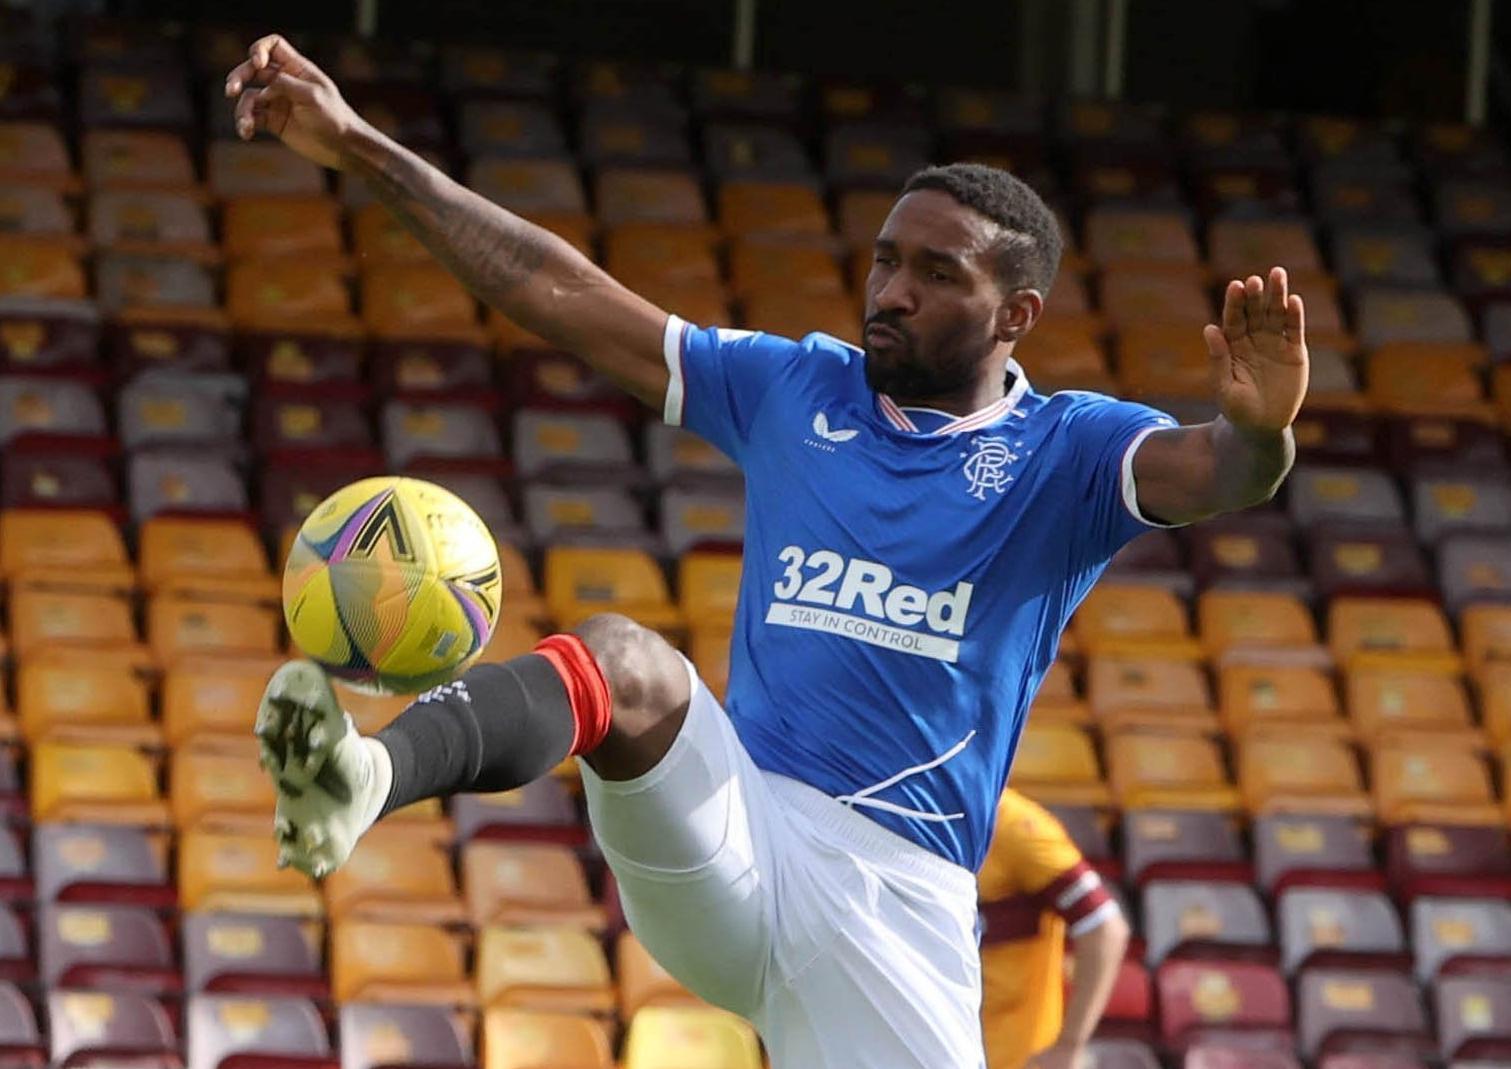 Rangers striker Jermain Defoe. Pic by PA.